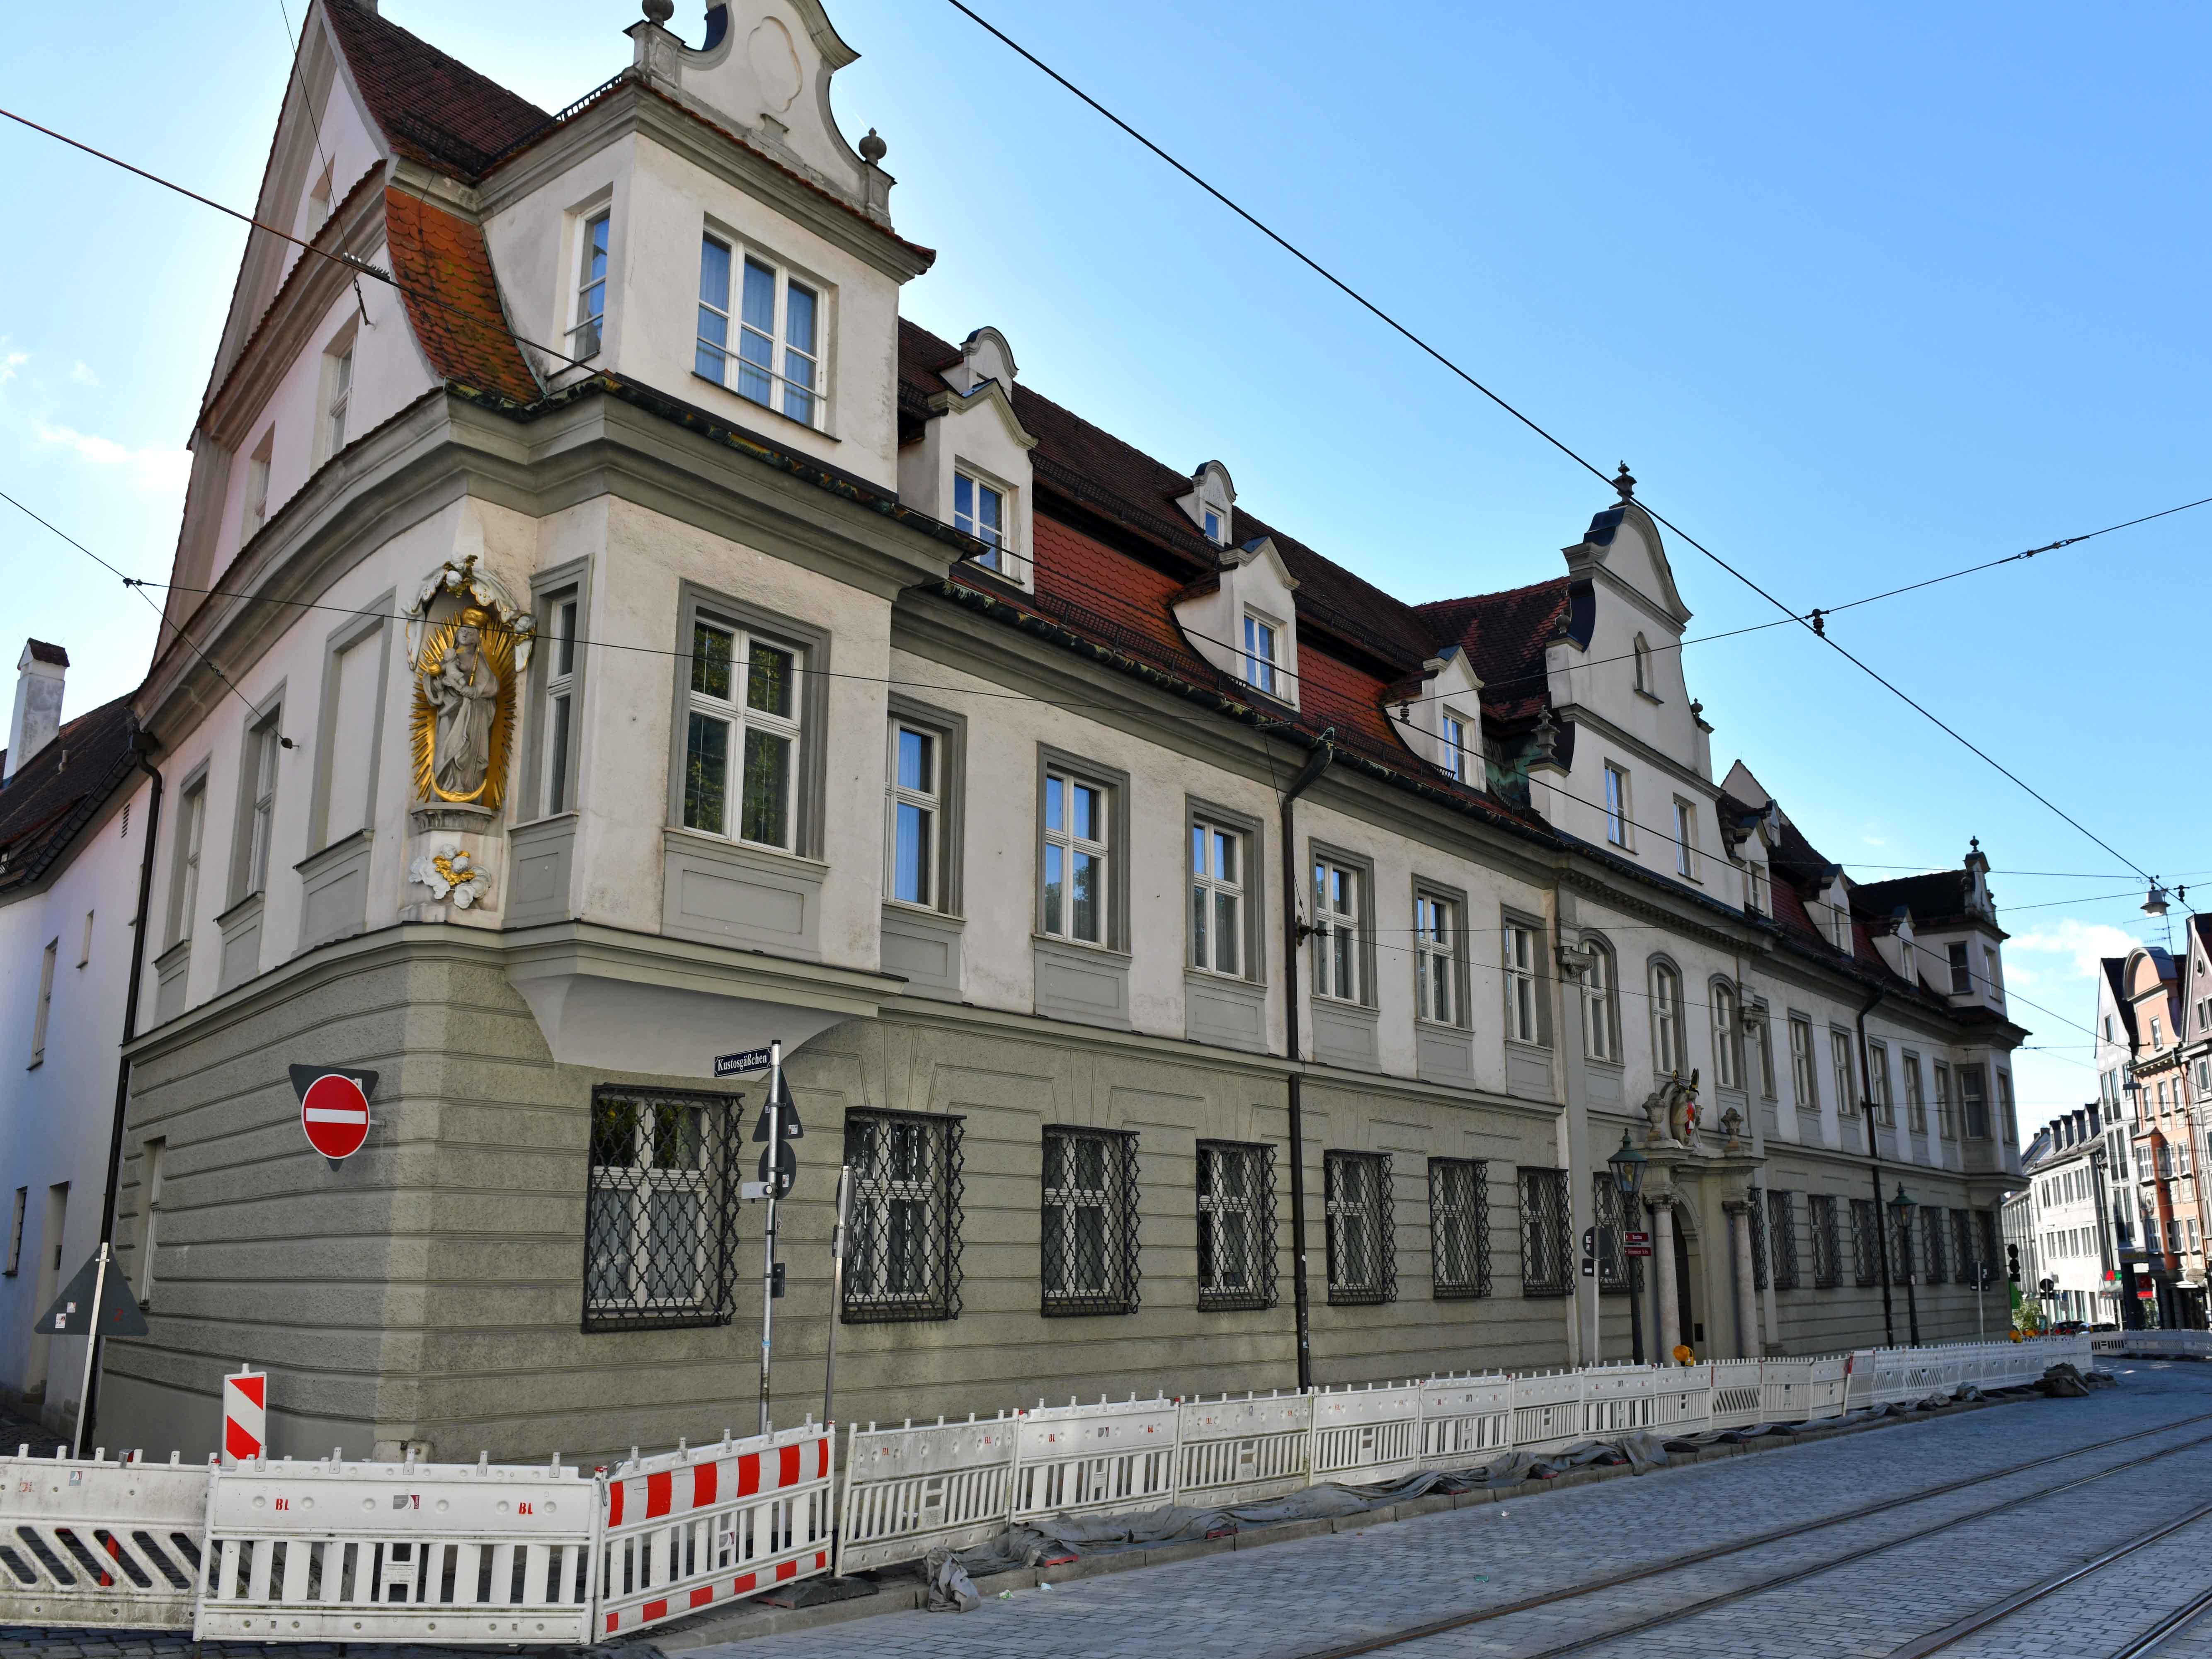 Nachdem die Straßenarbeiten vor dem Bischofshaus kurz vor dem Abschluss stehen, wird das denkmalgeschützte Haus nun ebenfalls saniert. (Foto: Nicolas Schnall / pba)